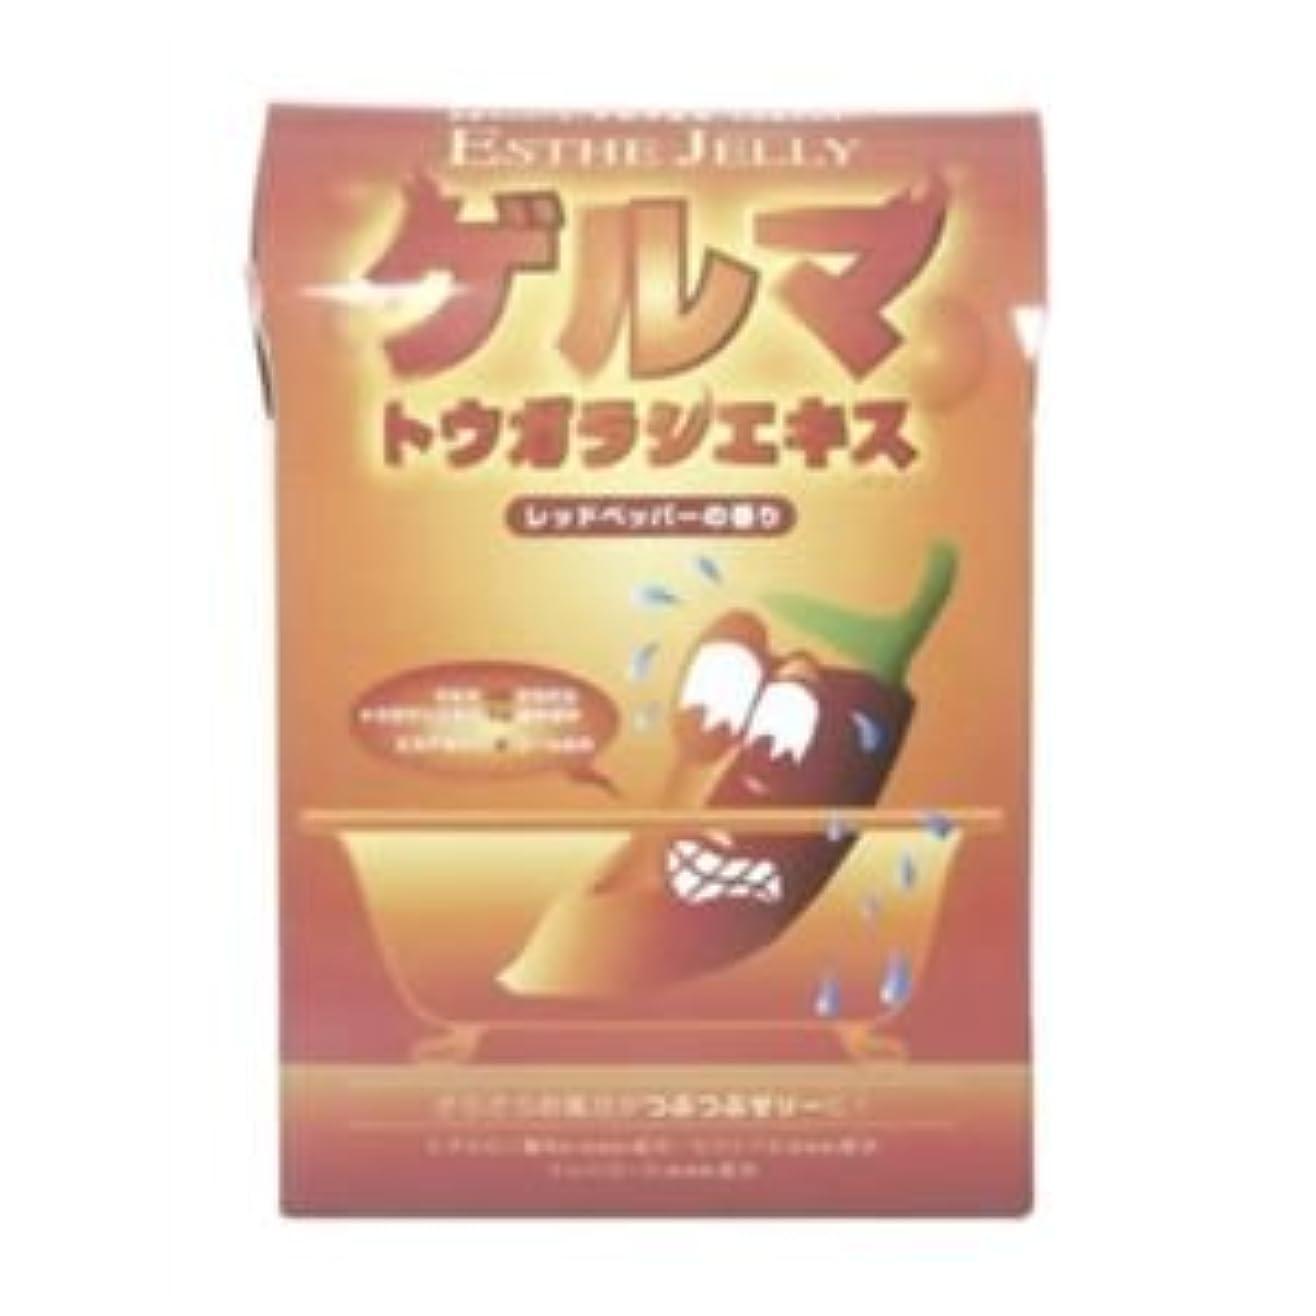 花輪たぶん枝エステゼリー ゲルマ レッドペッパーの香り 【2セット】